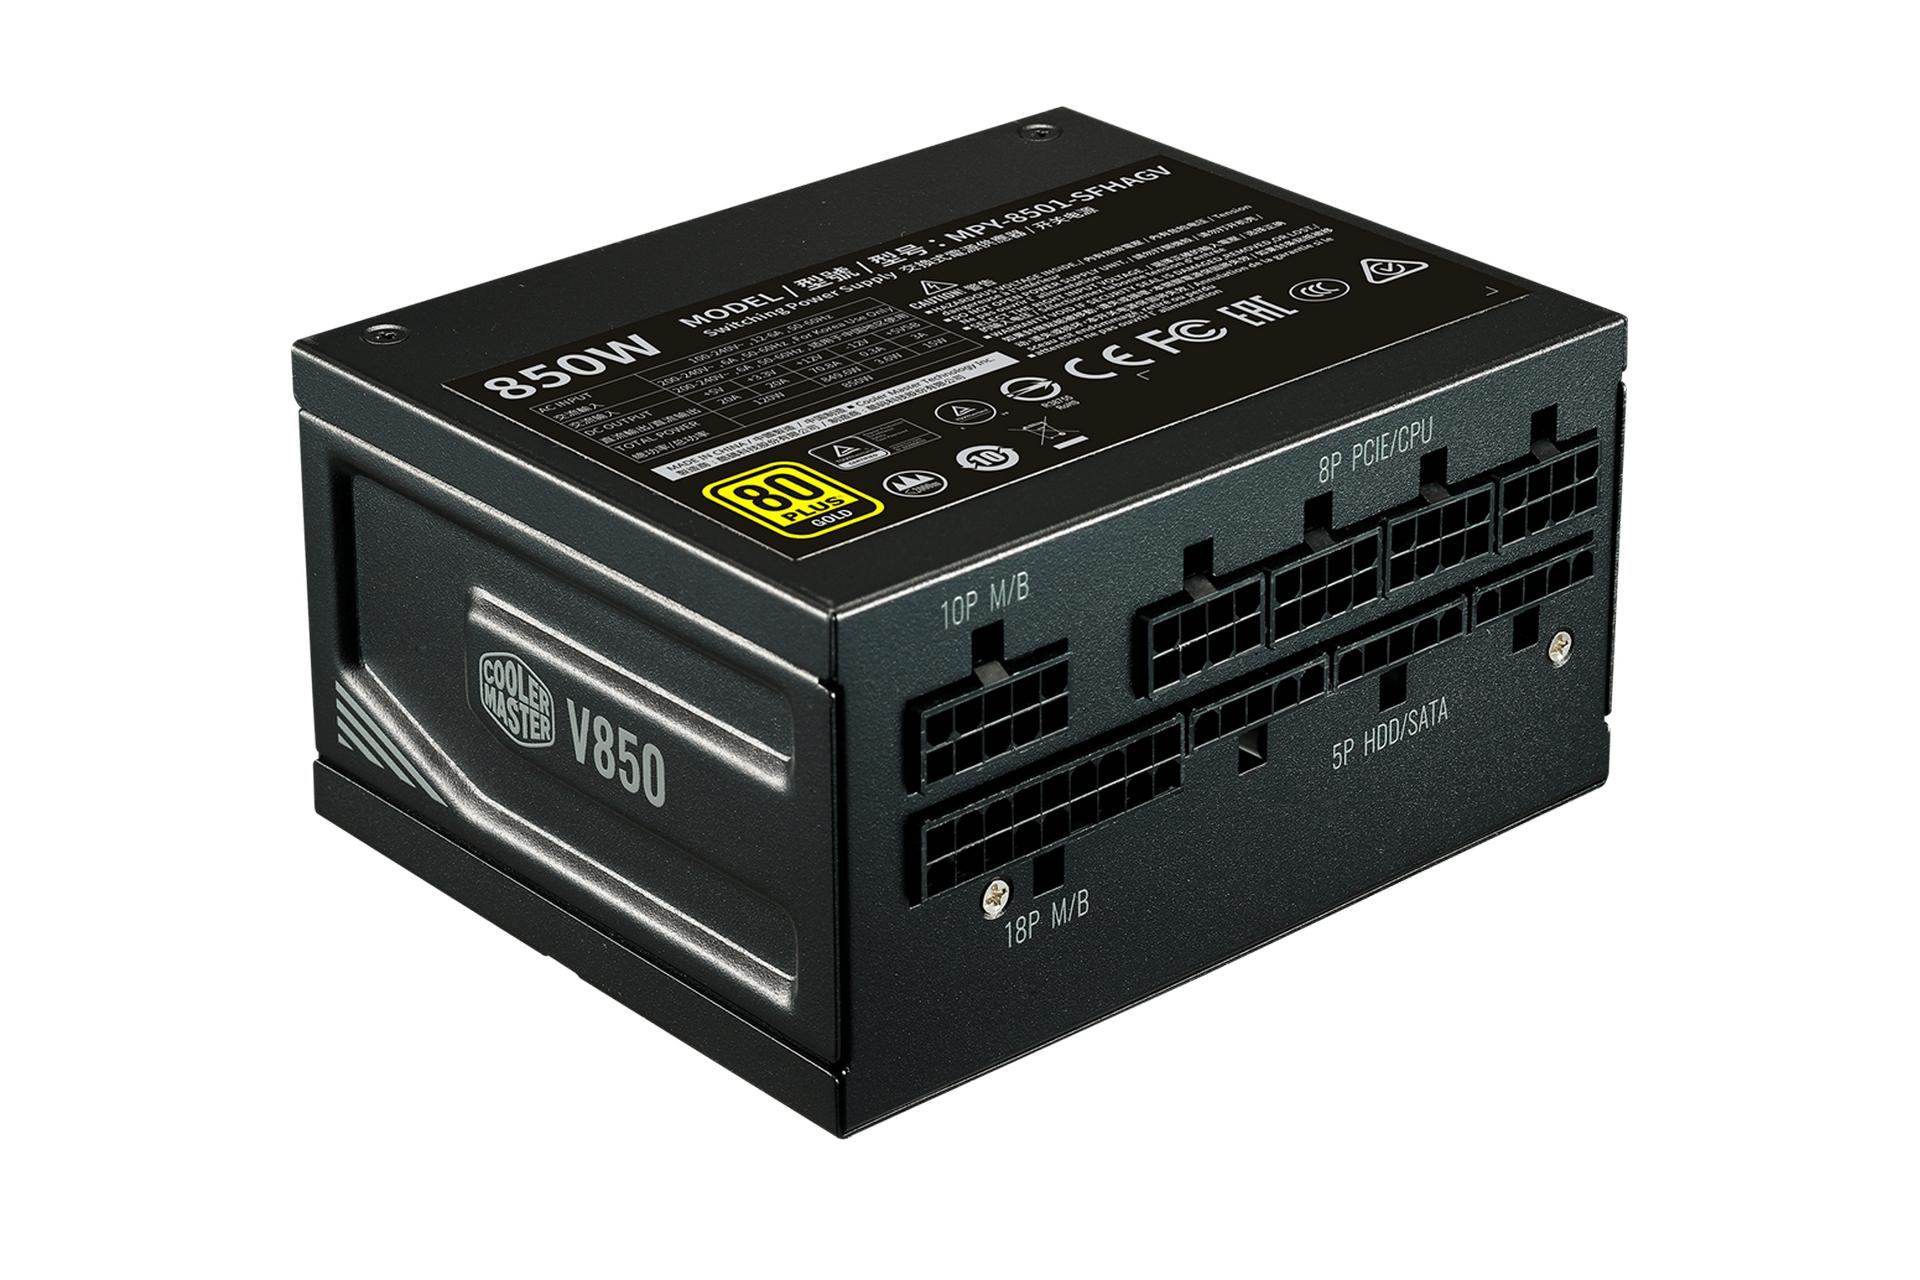 V850 SFX GOLD tích hợp cáp full-modullar